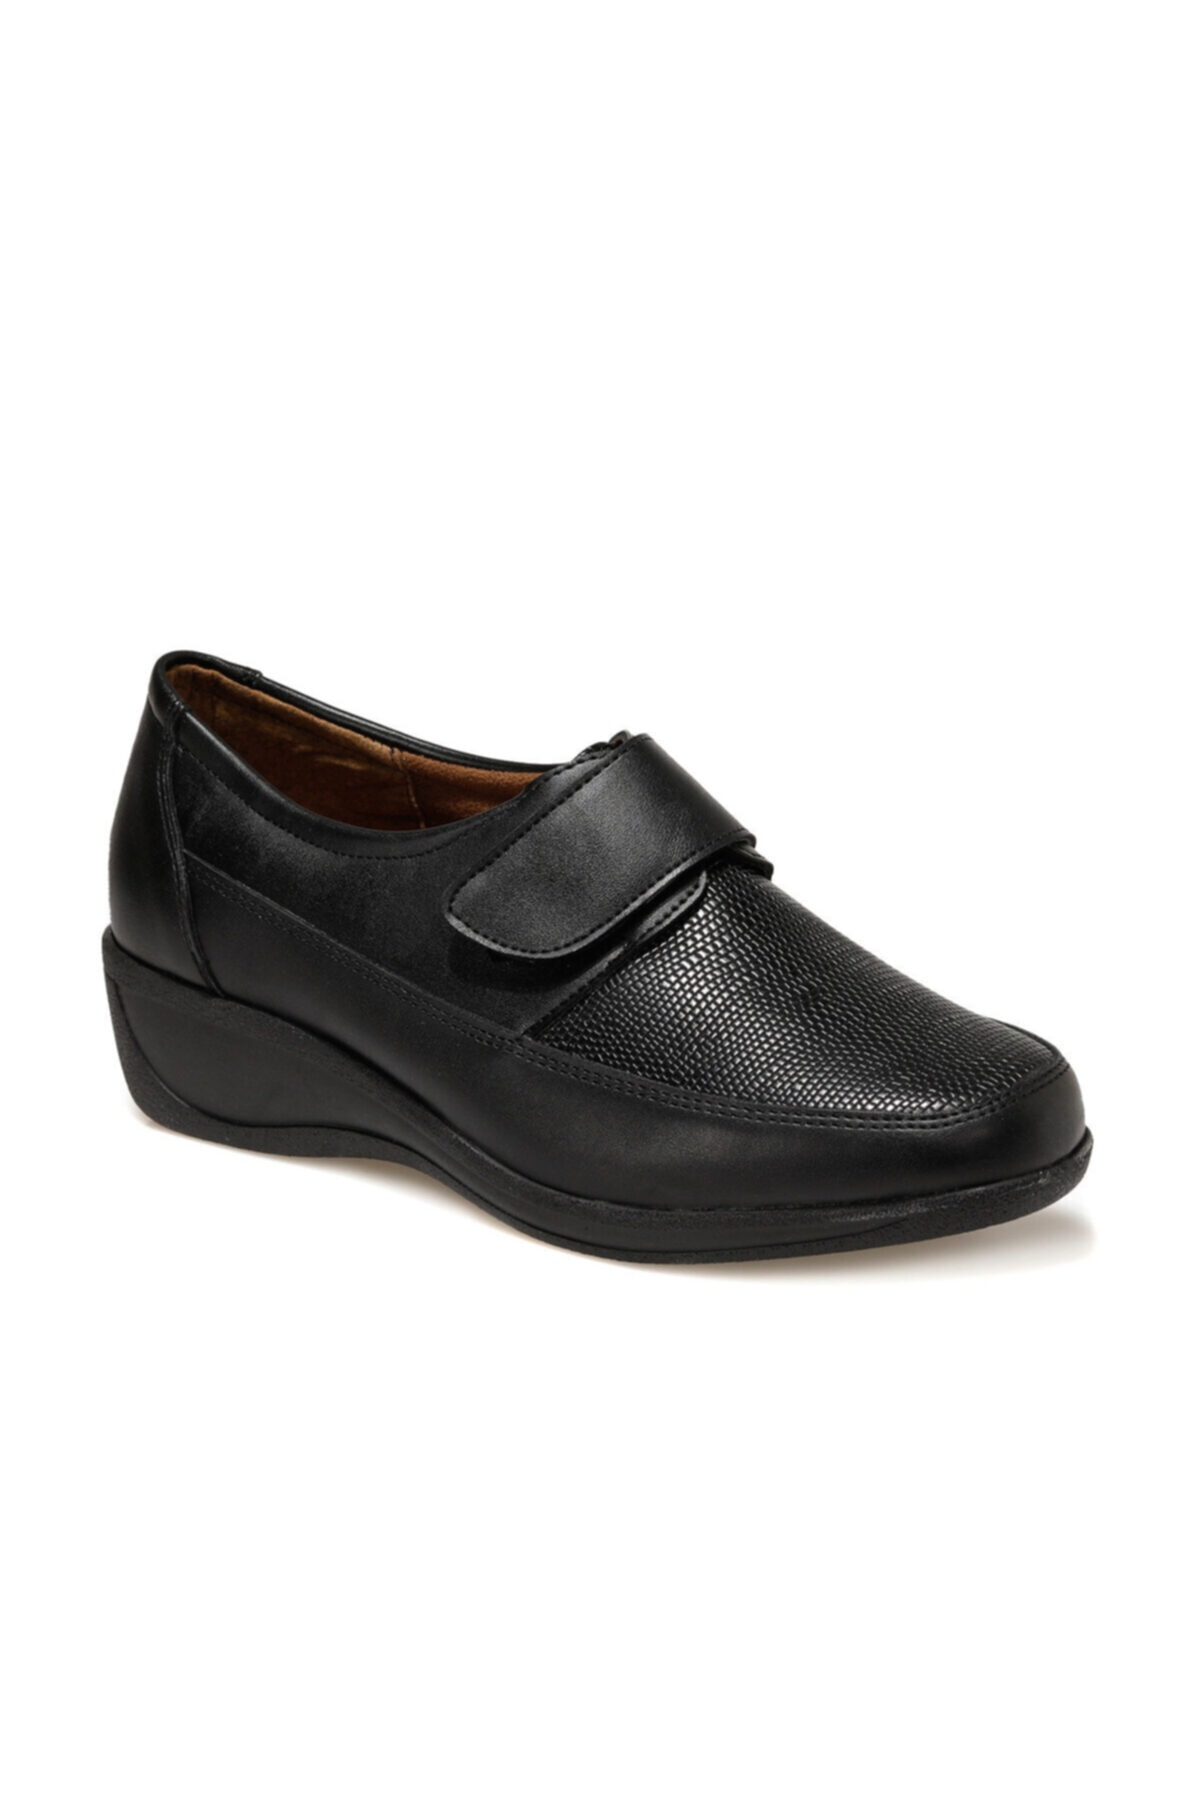 Polaris 5 Nokta 103106YZ Siyah Kadın Comfort Ayakkabı 100555553 1